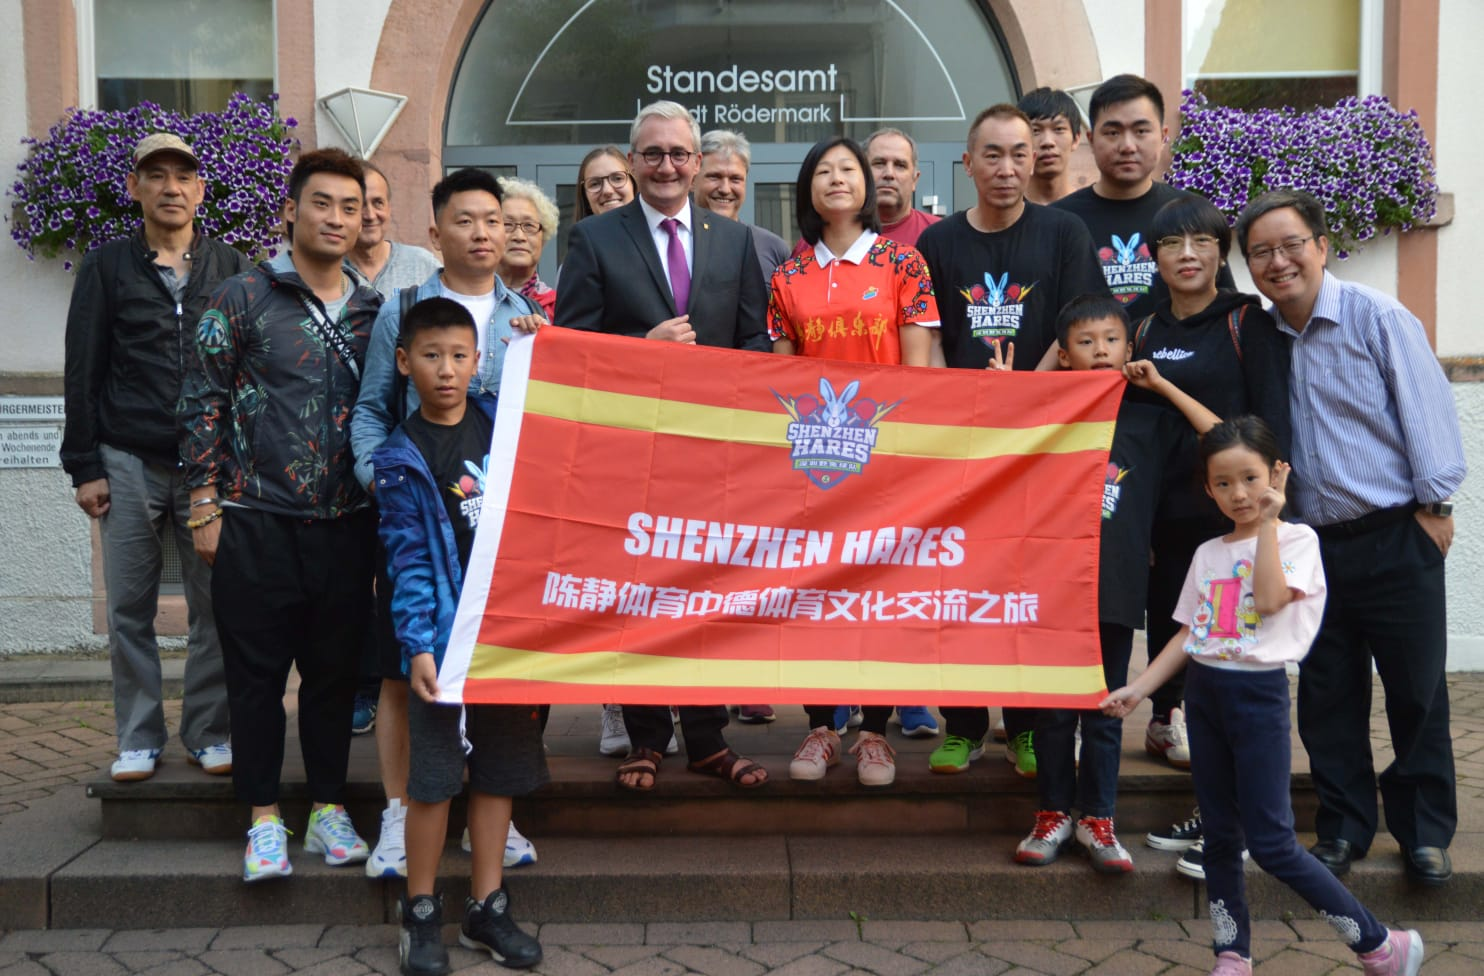 Tischtennisclub DJK trifft auf Tischtennisspieler aus China